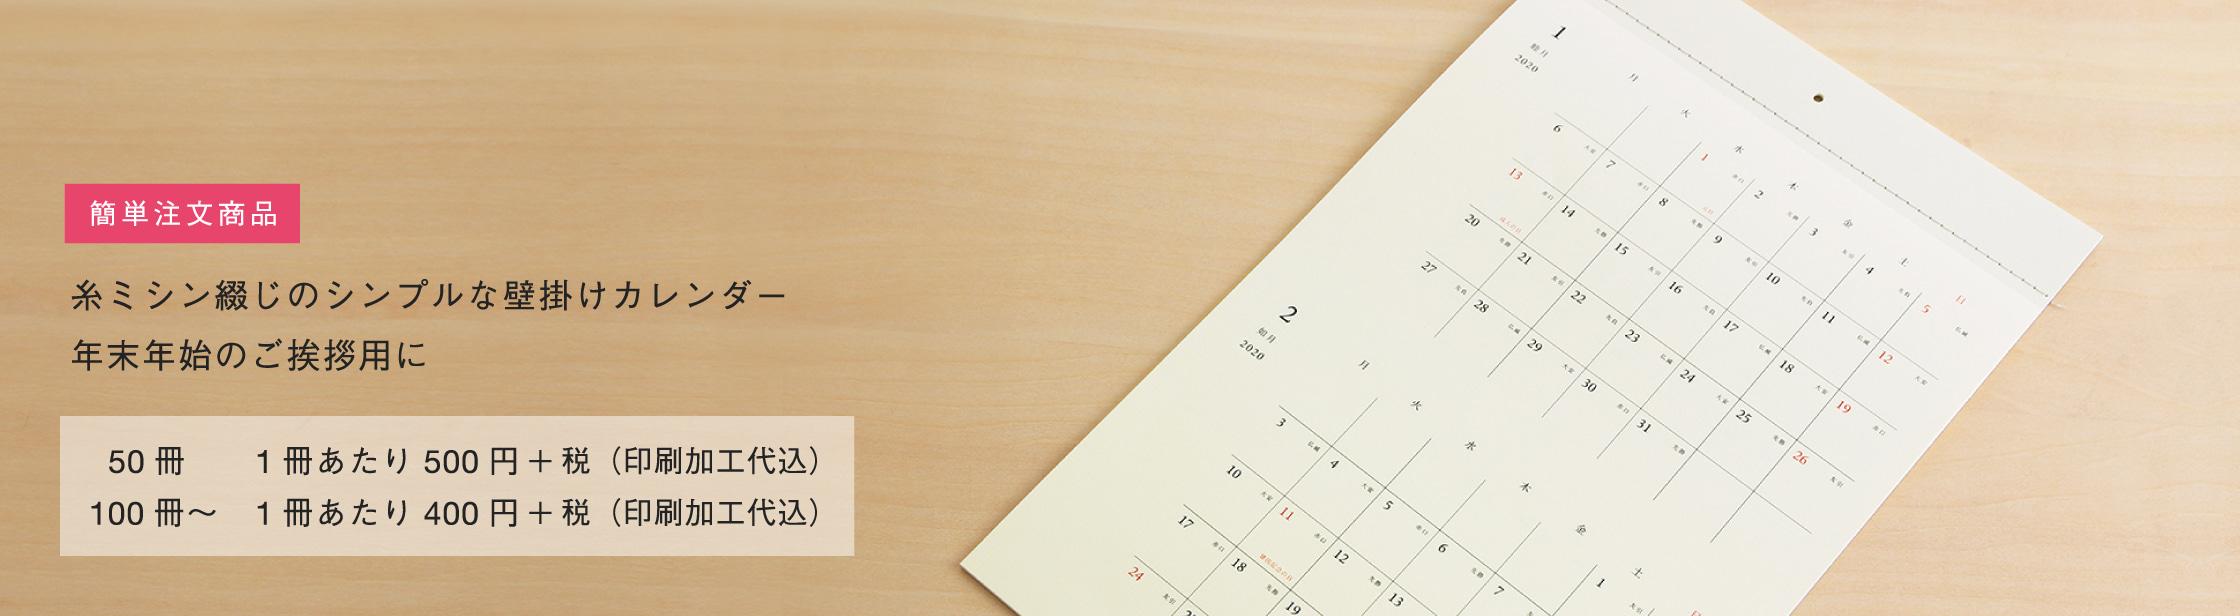 糸ミシン綴じの壁掛けカレンダー